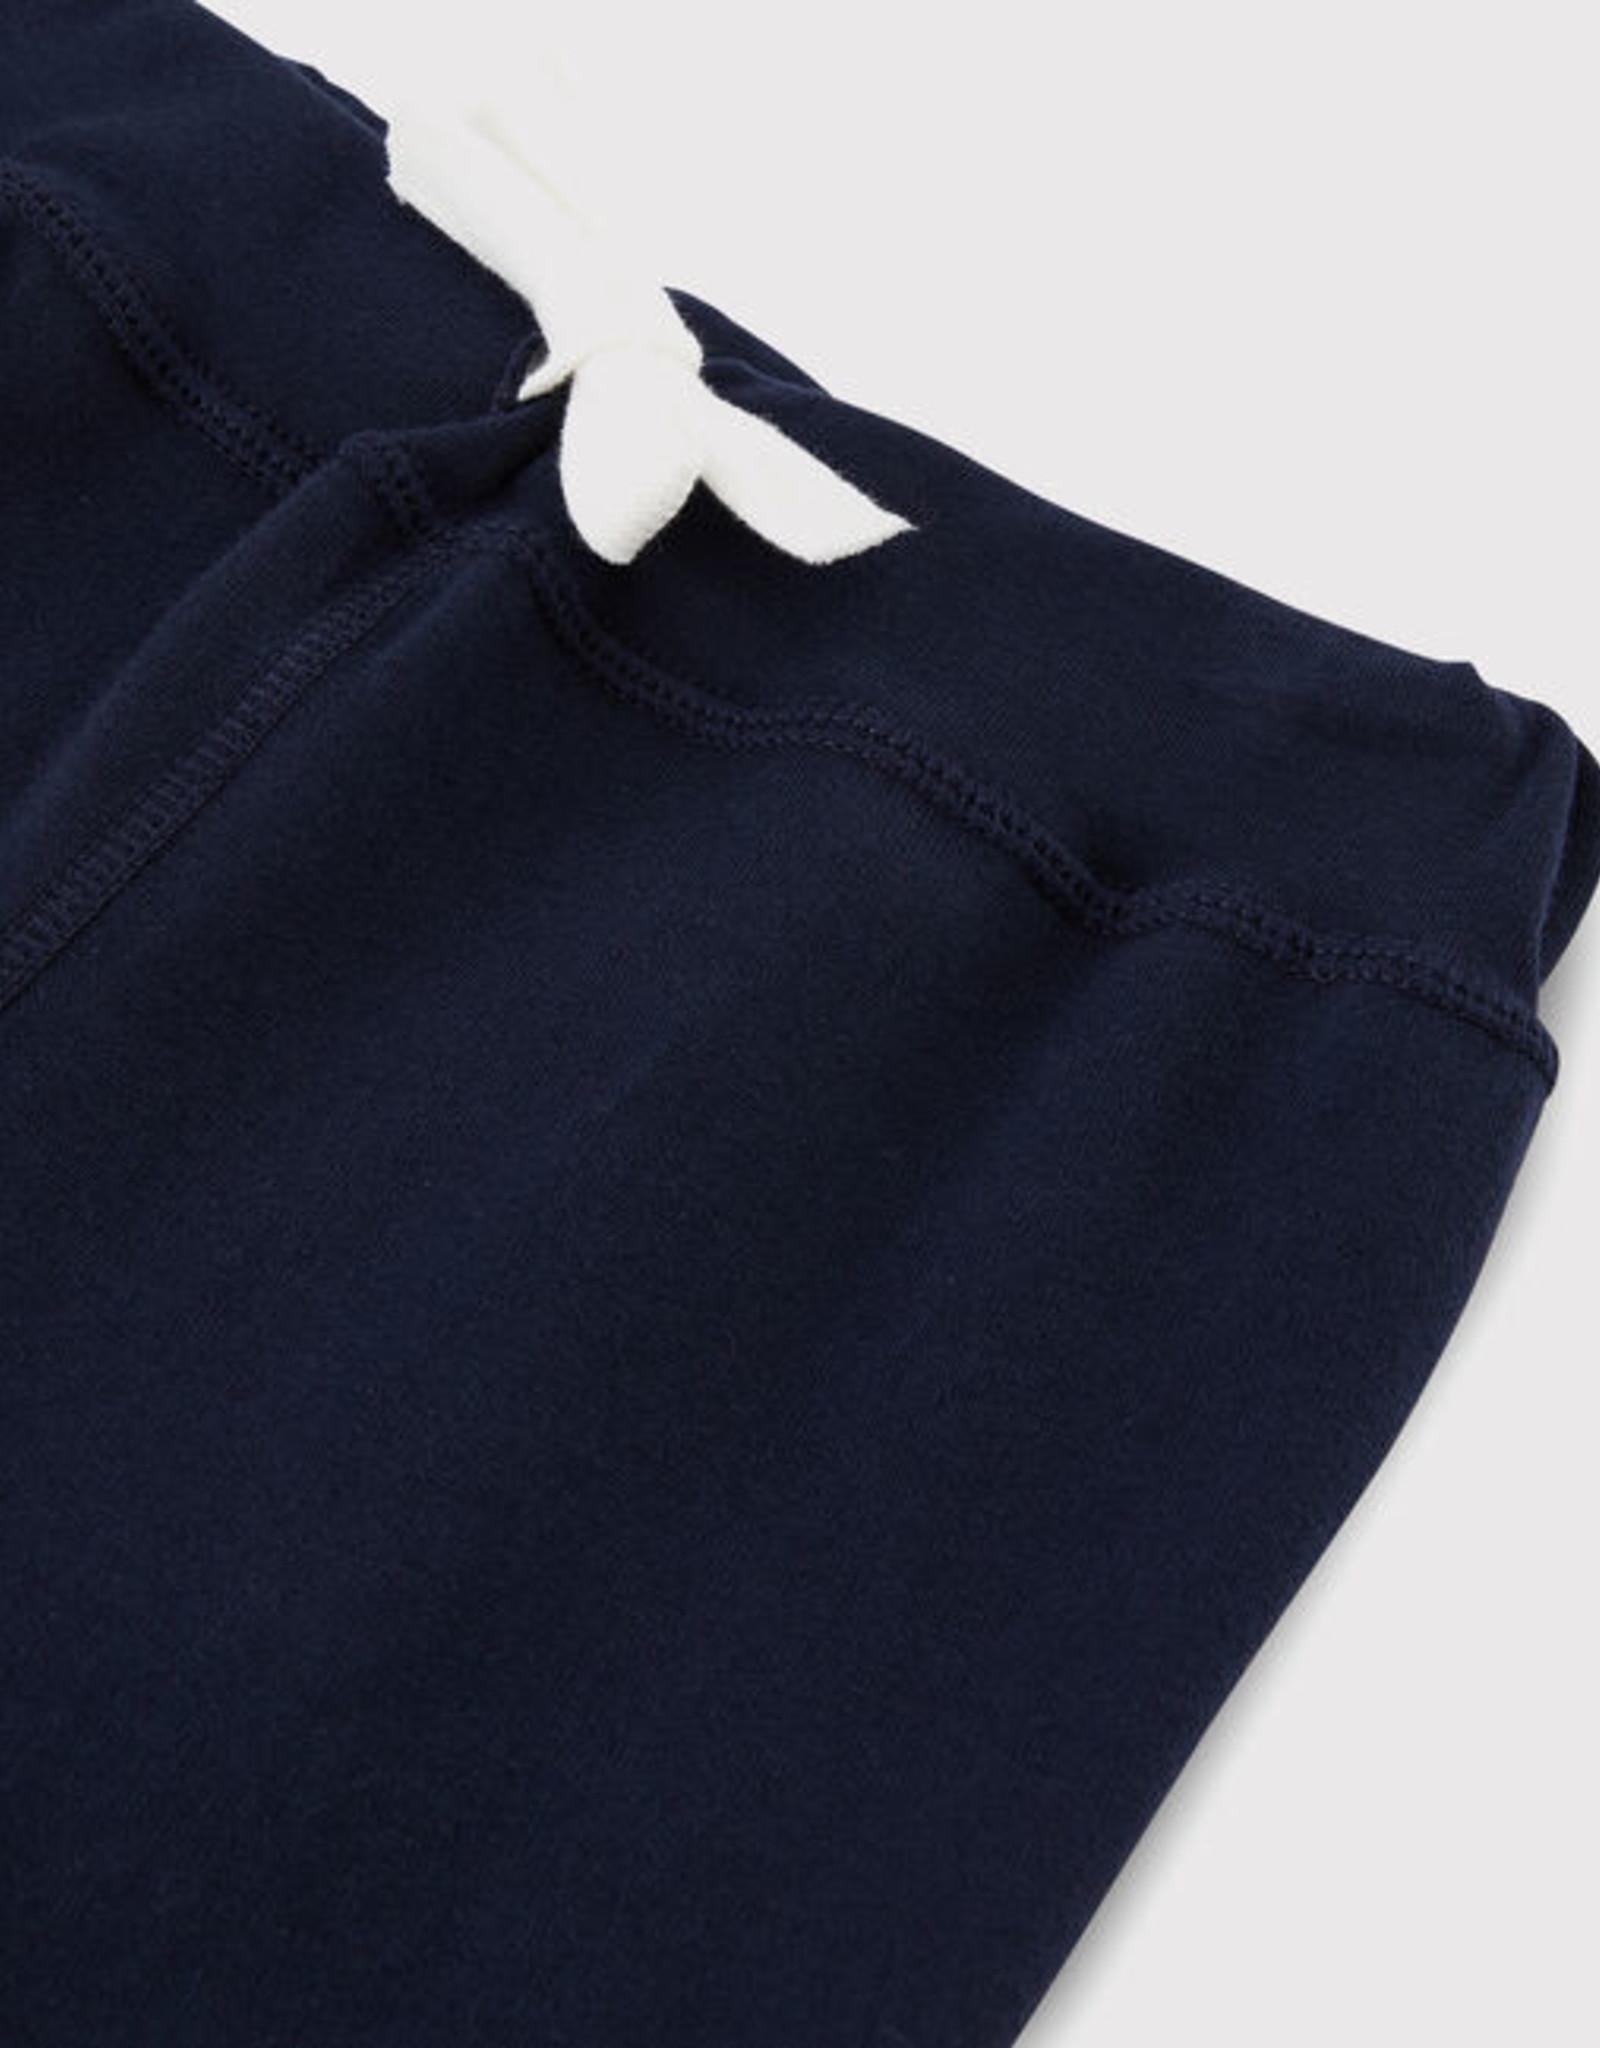 Petit Bateau Jersey Bermuda Shorts